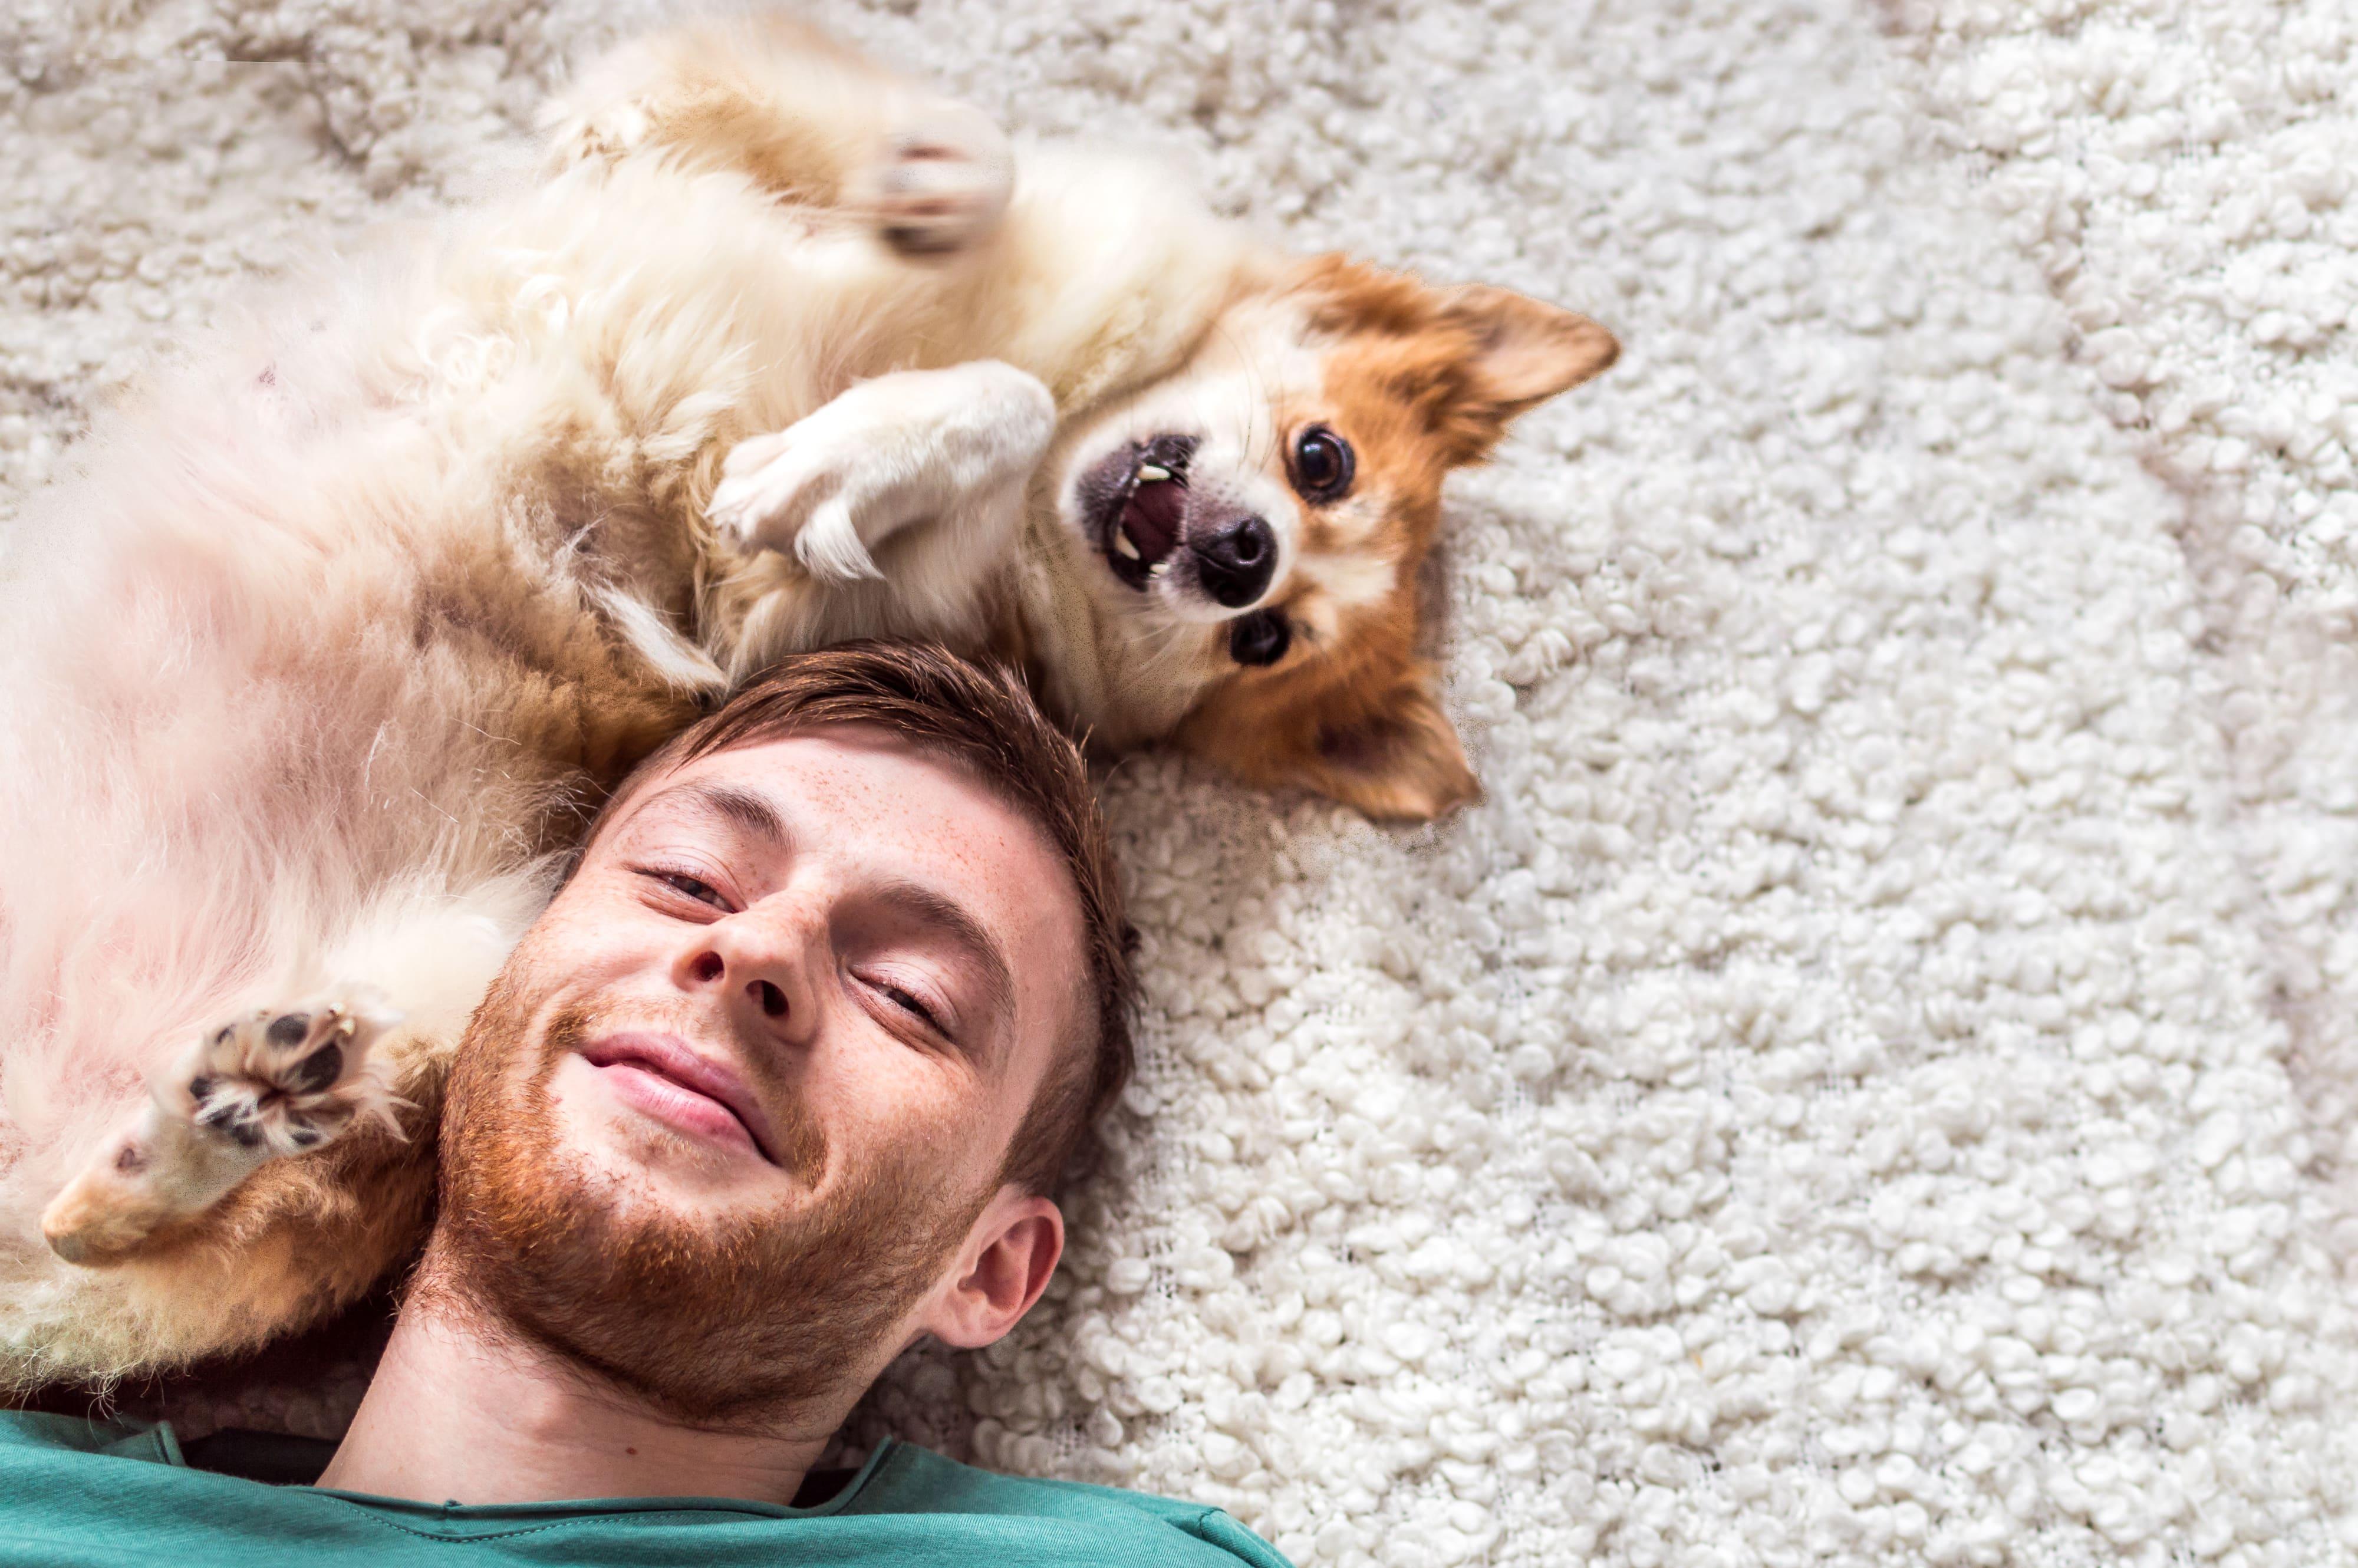 Junger Mann und kleiner Hund liegen Kopf an Kopf auf einem Teppich